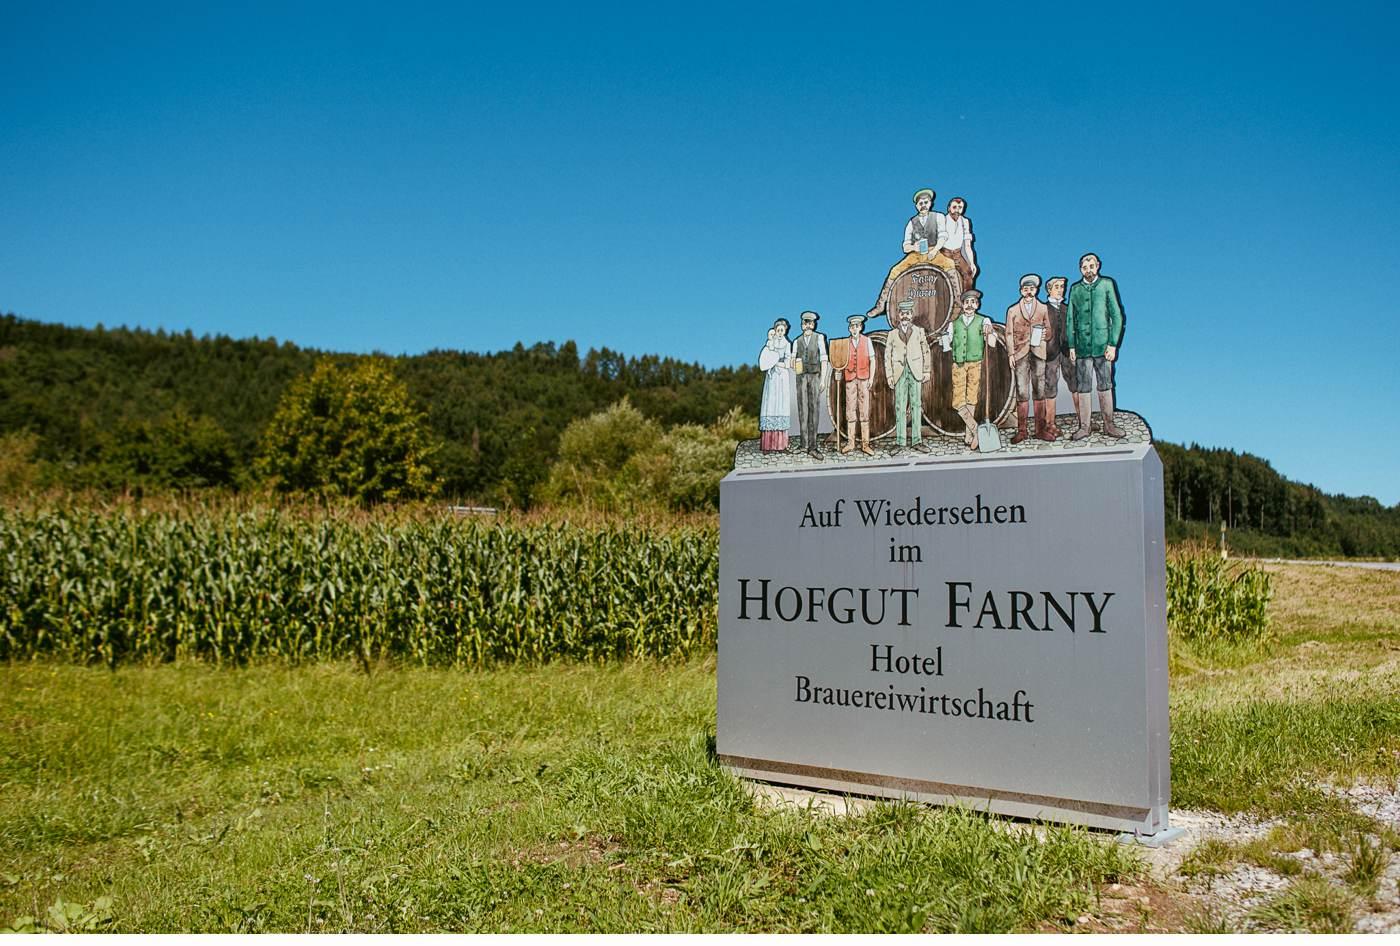 hofgut-duerren-hotel-farny-zwischen-bodensee-und-allgaeu-31-von-77